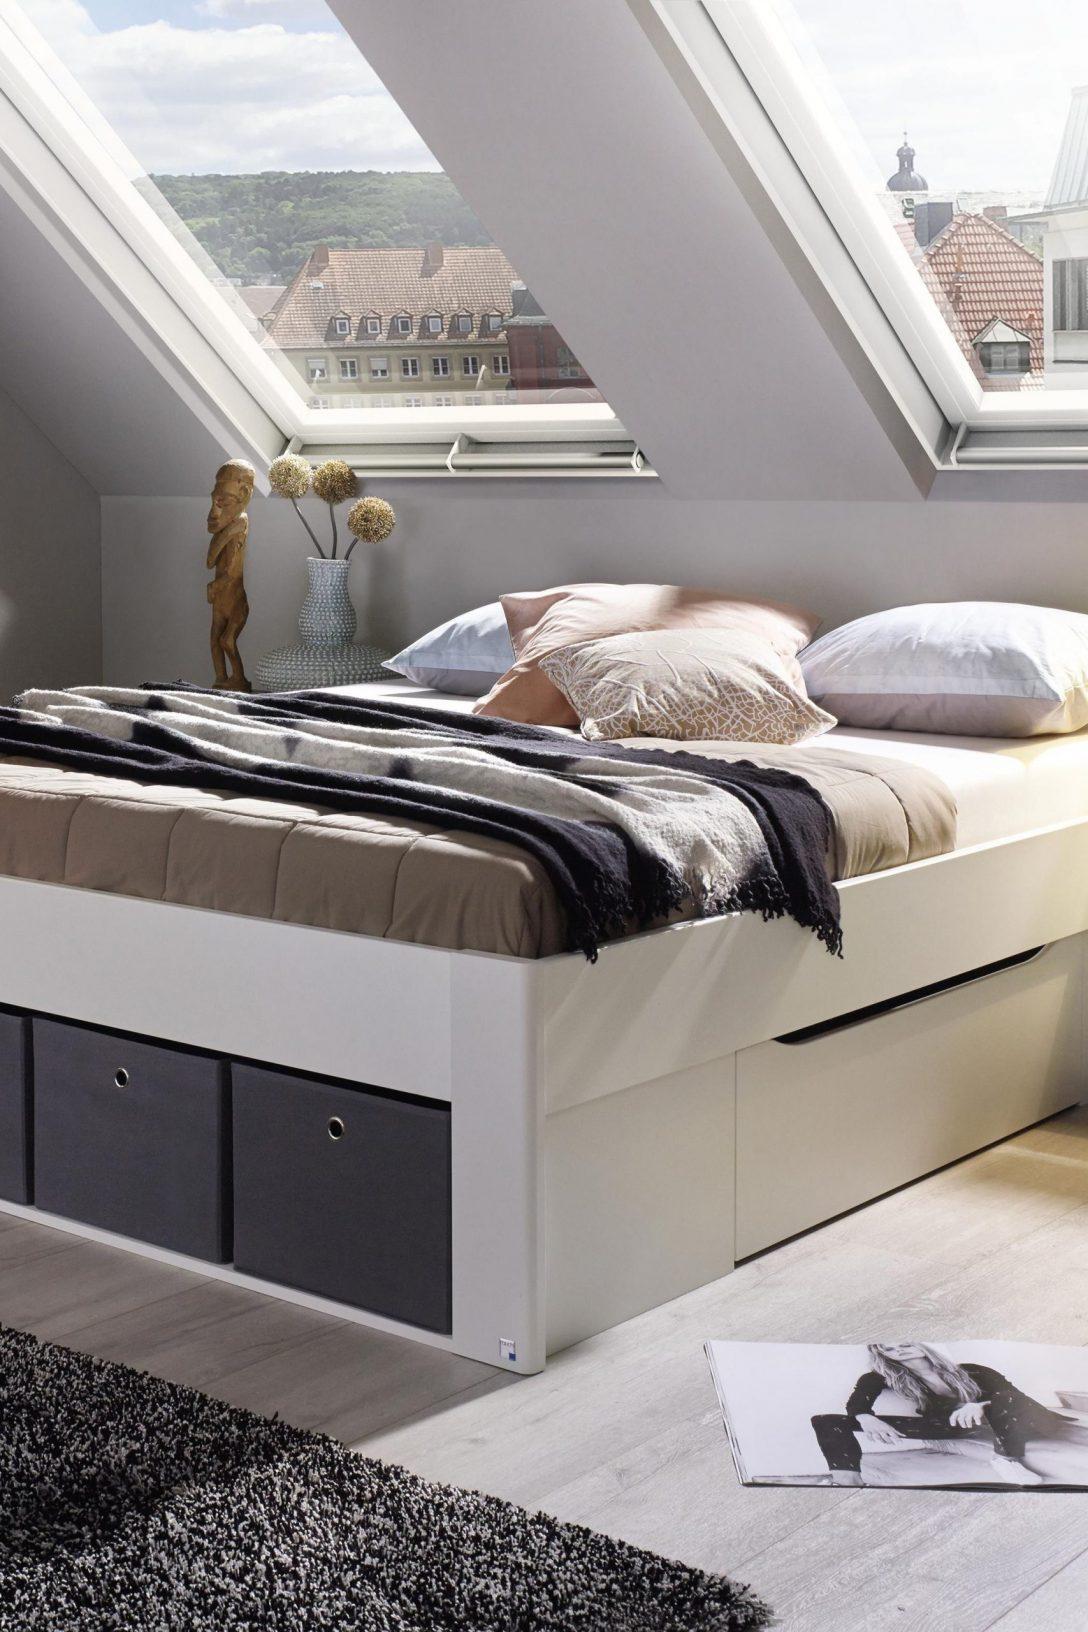 Large Size of Nolte Betten Arbeitsplatte Küche 120x200 Günstig Kaufen Günstige Jugend Teenager Runde Massivholz Amazon Bei Ikea Jabo 200x200 Tempur Billerbeck 90x200 Bett Betten Bei Ikea